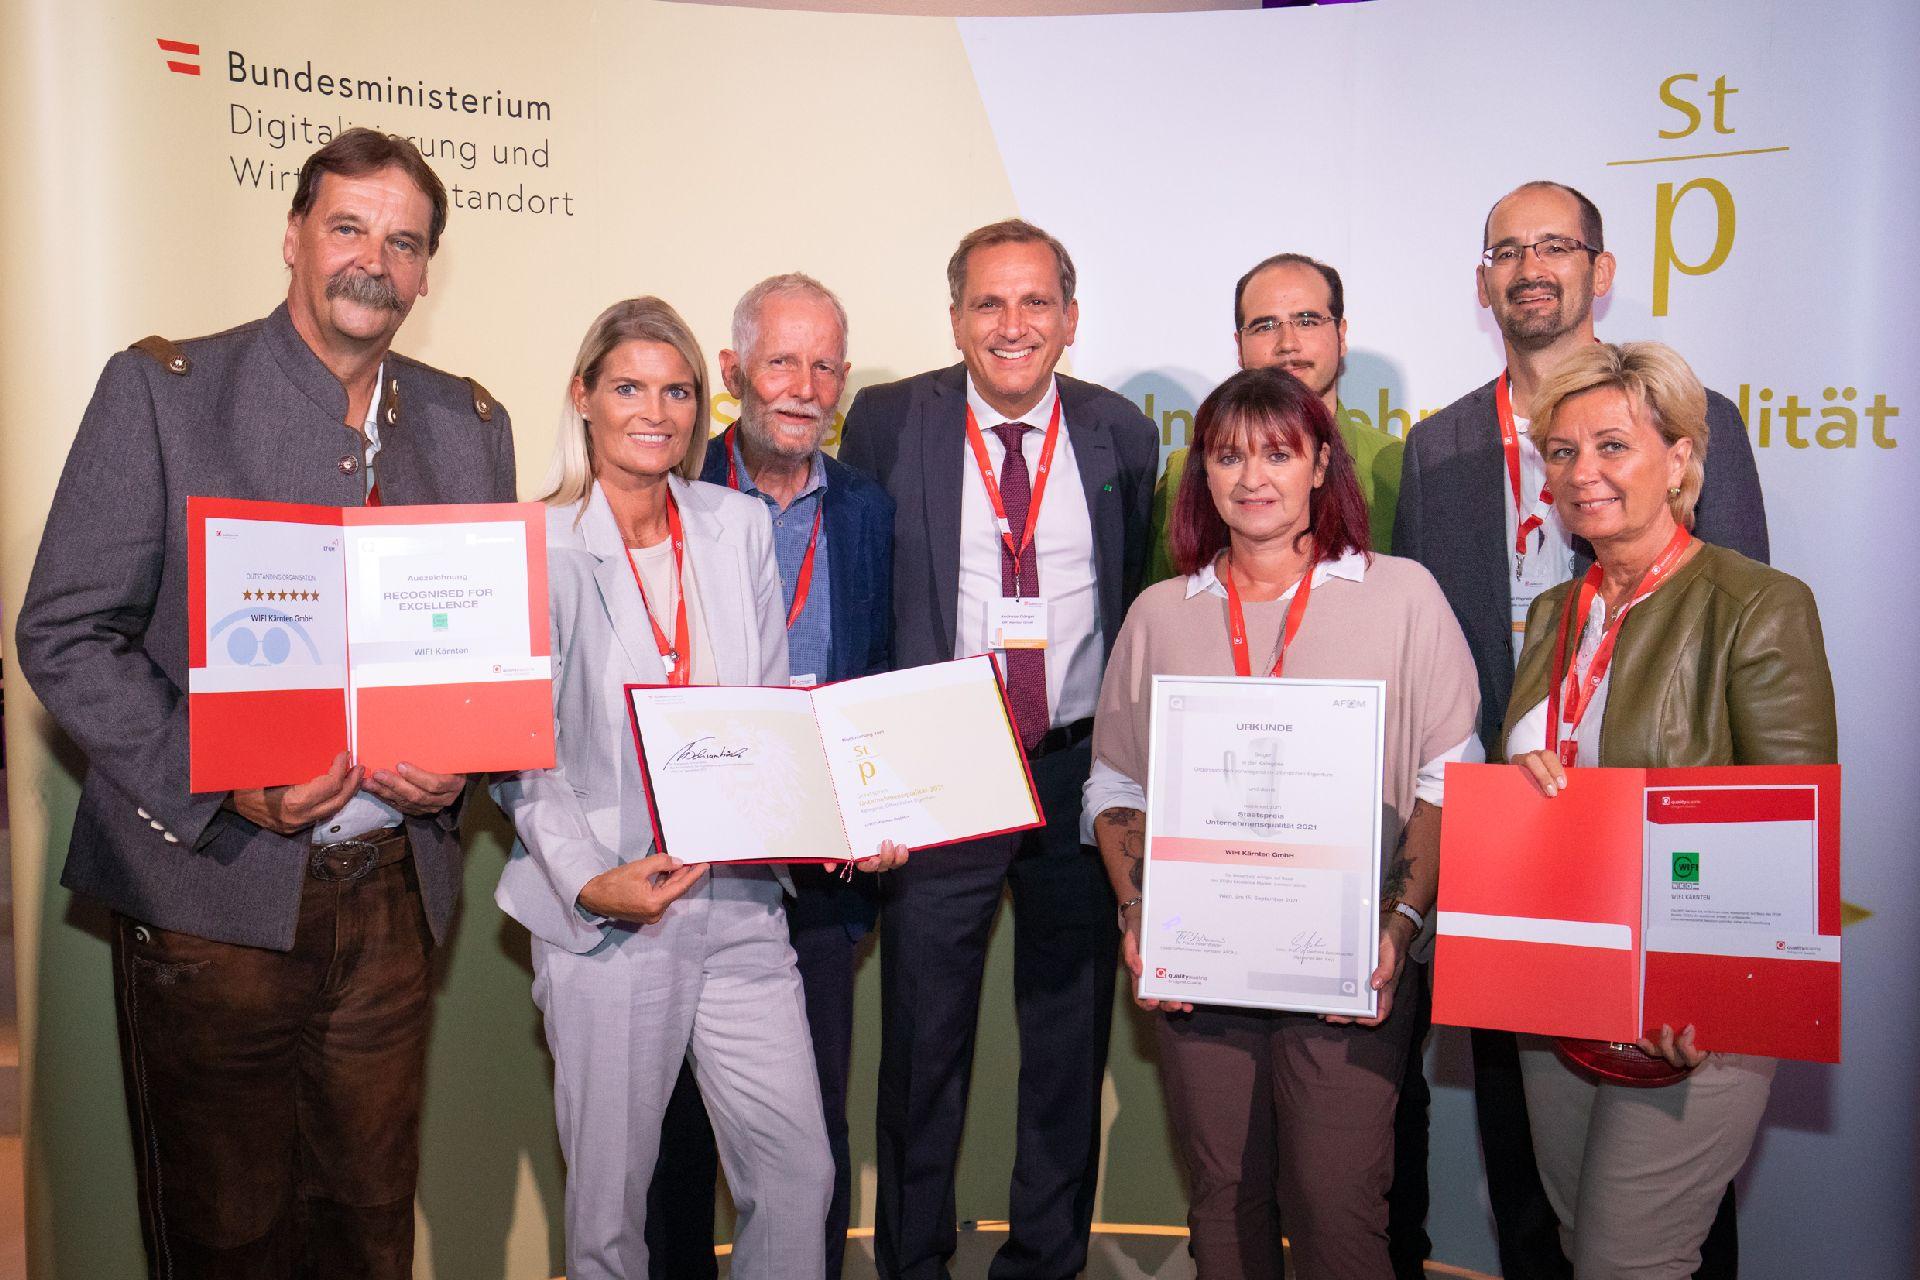 Das WIFI Kärnten zählt weiterhin zu den exzellenten Unternehmen Österreichs